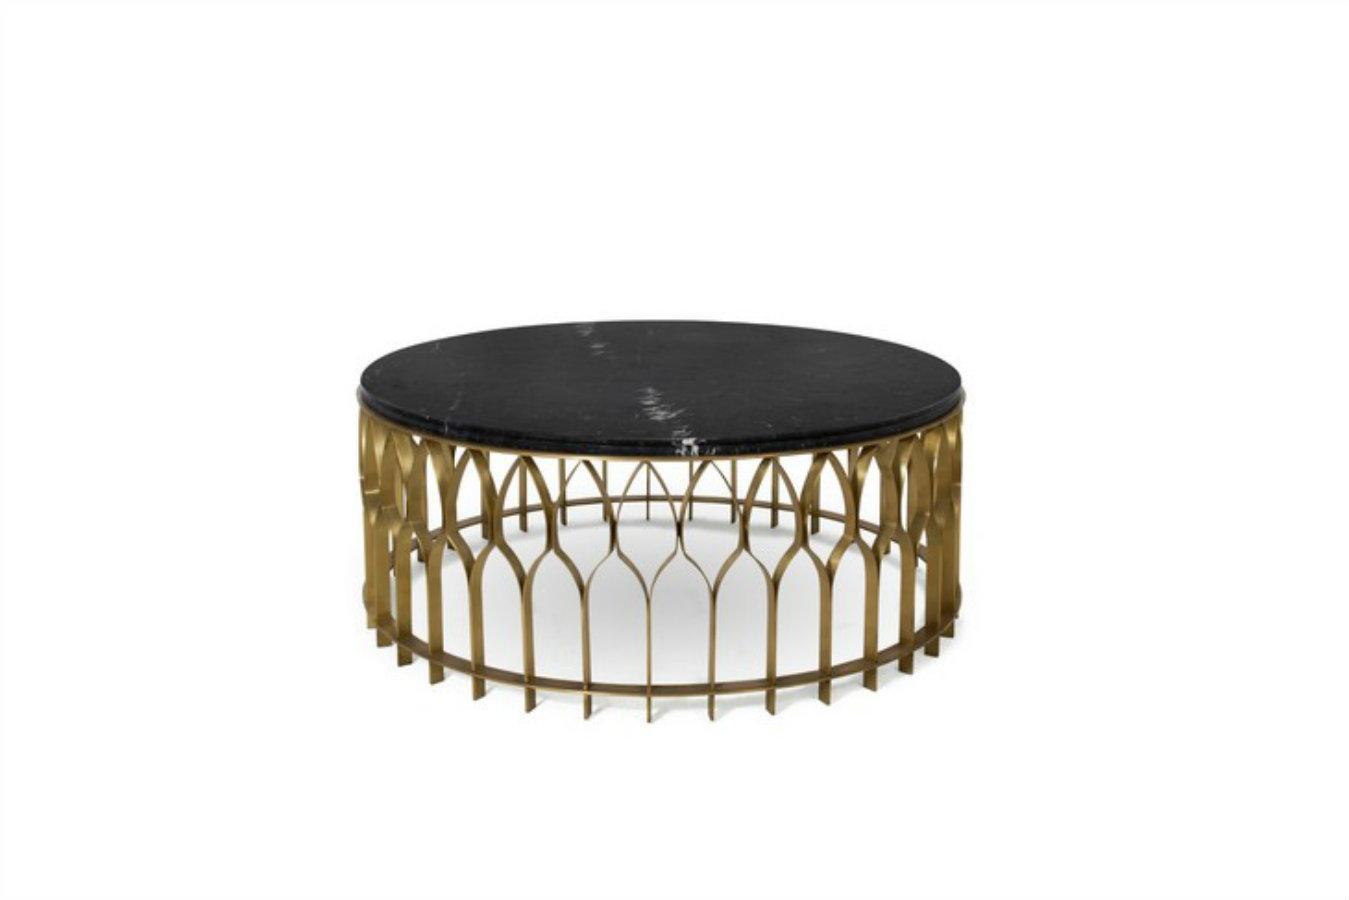 Las impresionantes mesas para tu proyecto de Salón mesitas bajas Las mejores Mesitas bajas para tu salon mecca center table 1 HR 1